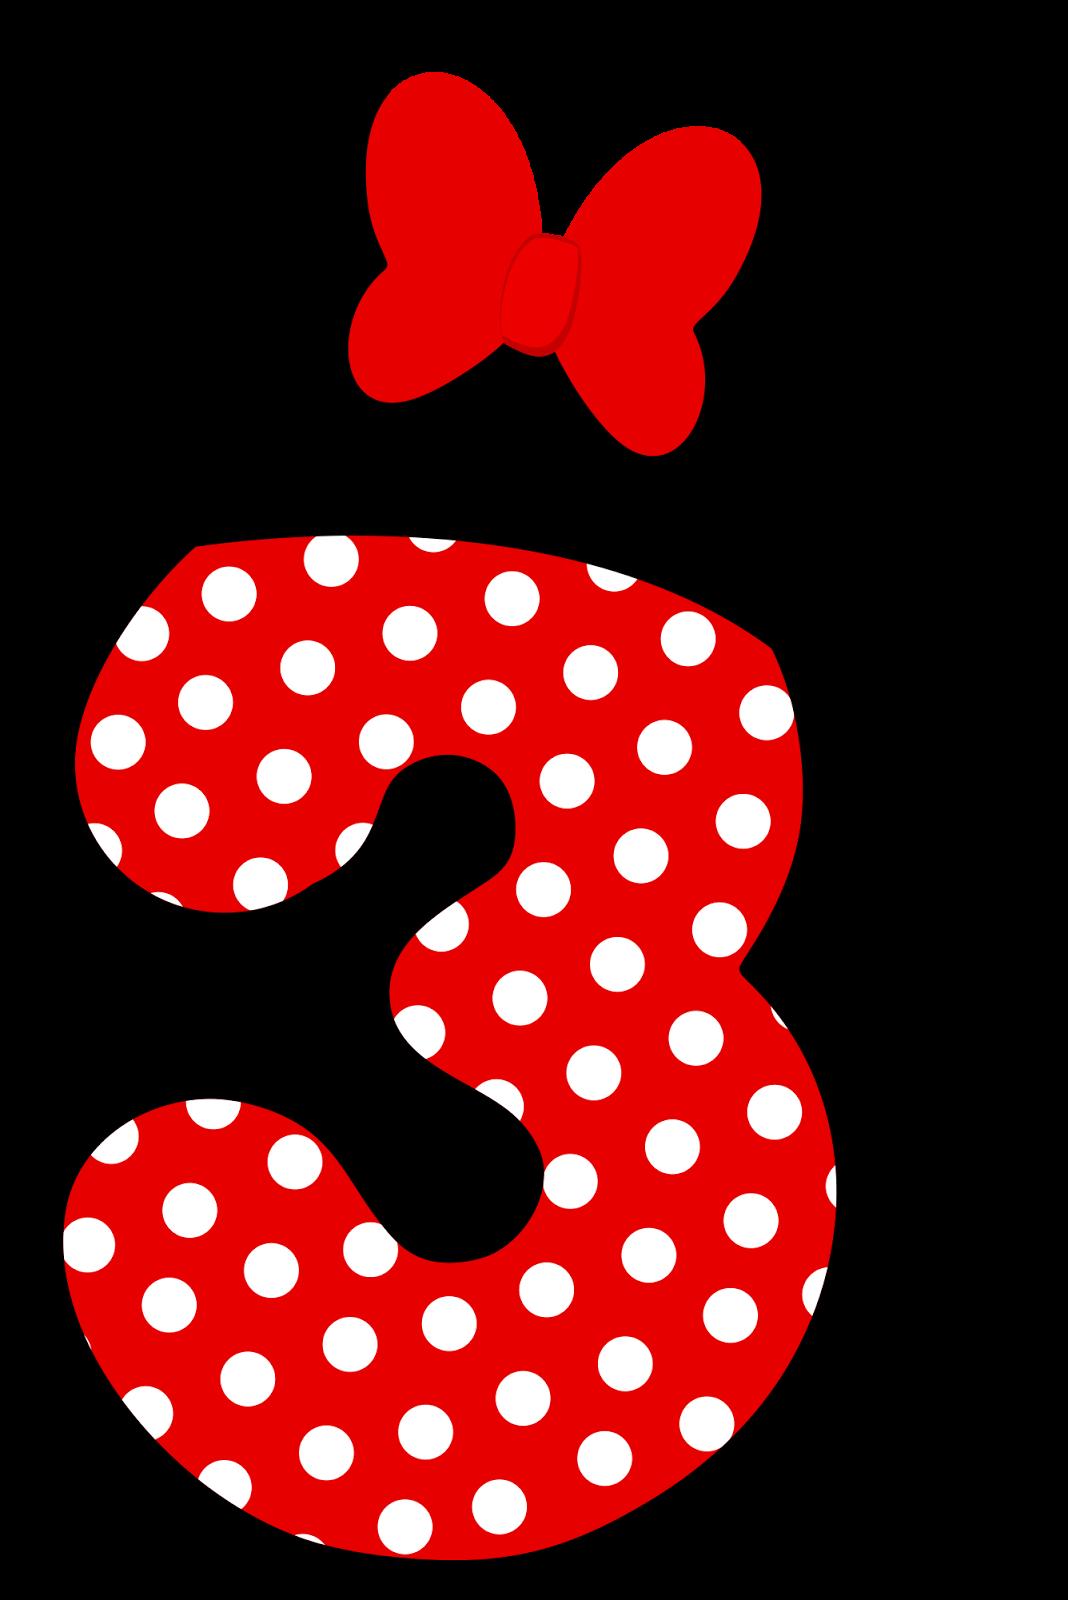 Resultado De Imagem Para Baixar Gratis Png Da Mini Aniversario Com Imagens Minnie Vermelha Festa Festa Pronta